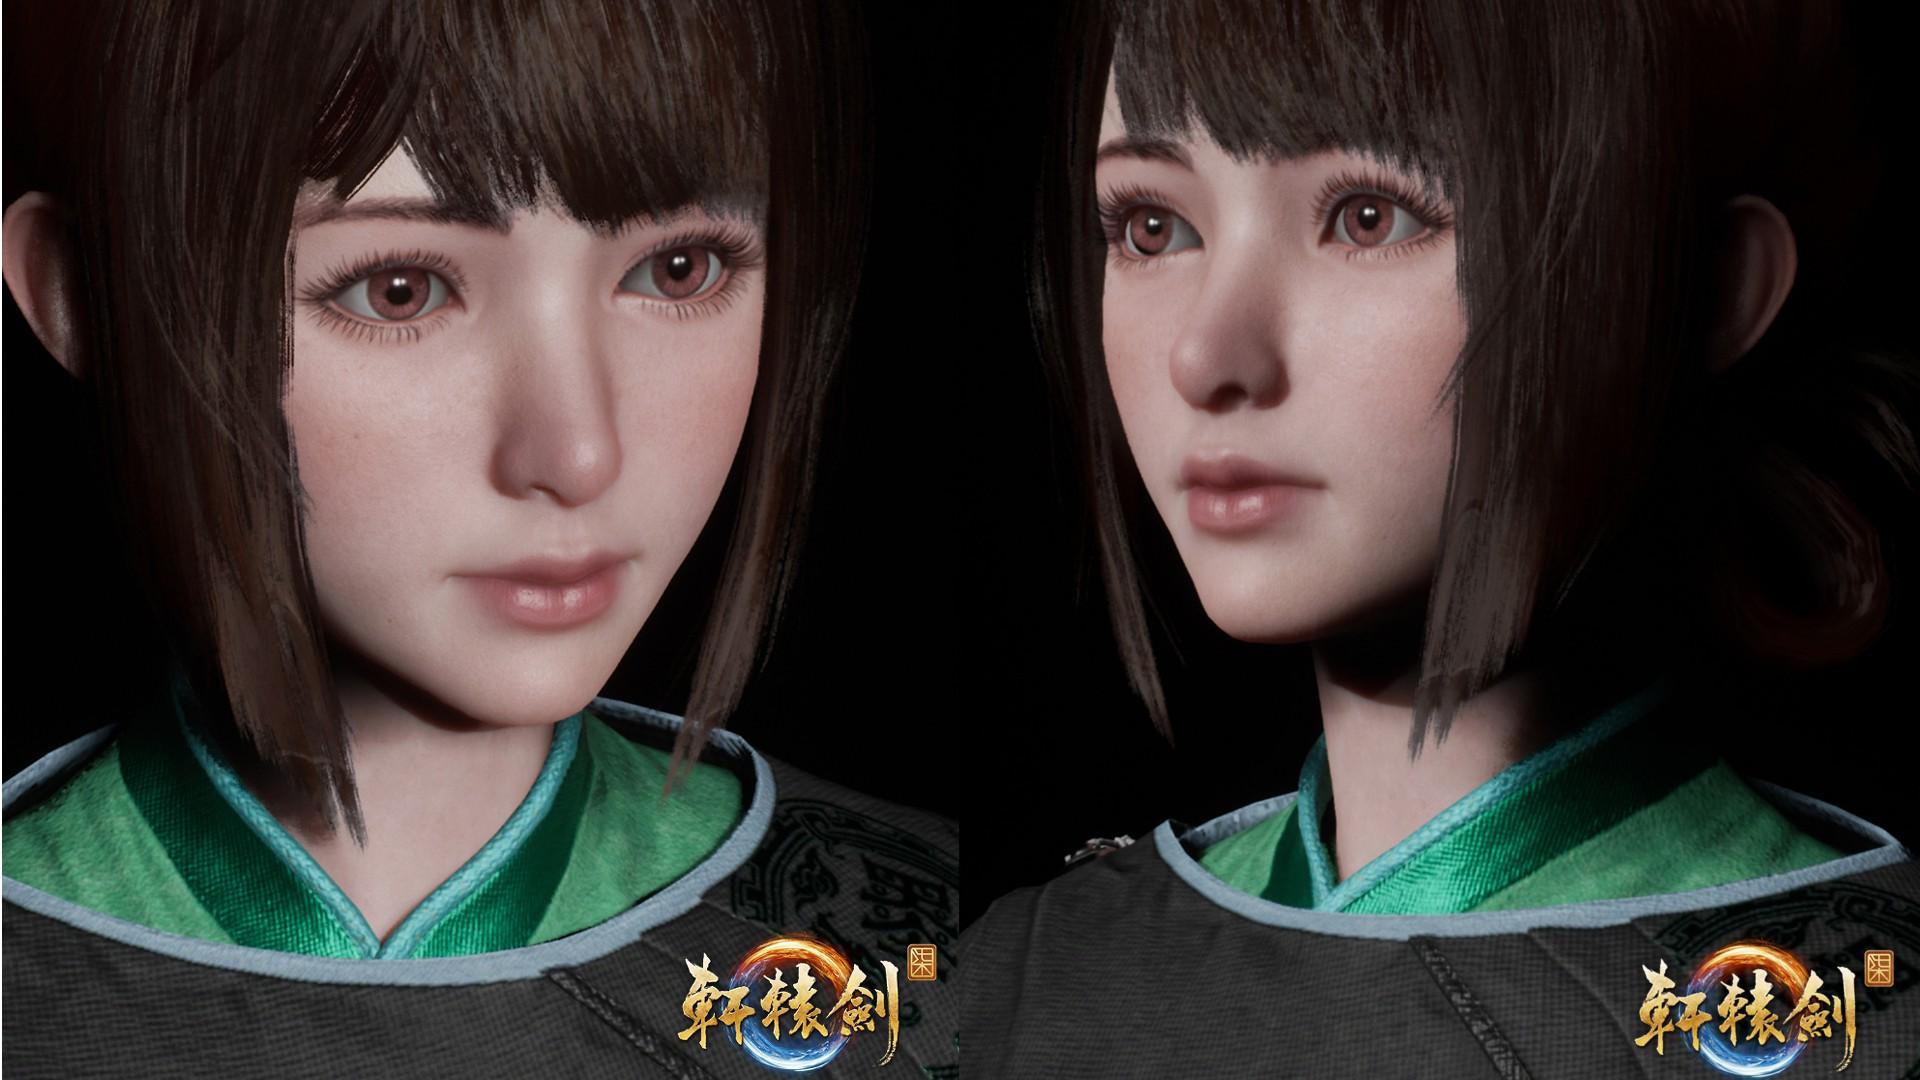 《轩辕剑7》女性角色建模曝光 大眼萌妹面庞精致